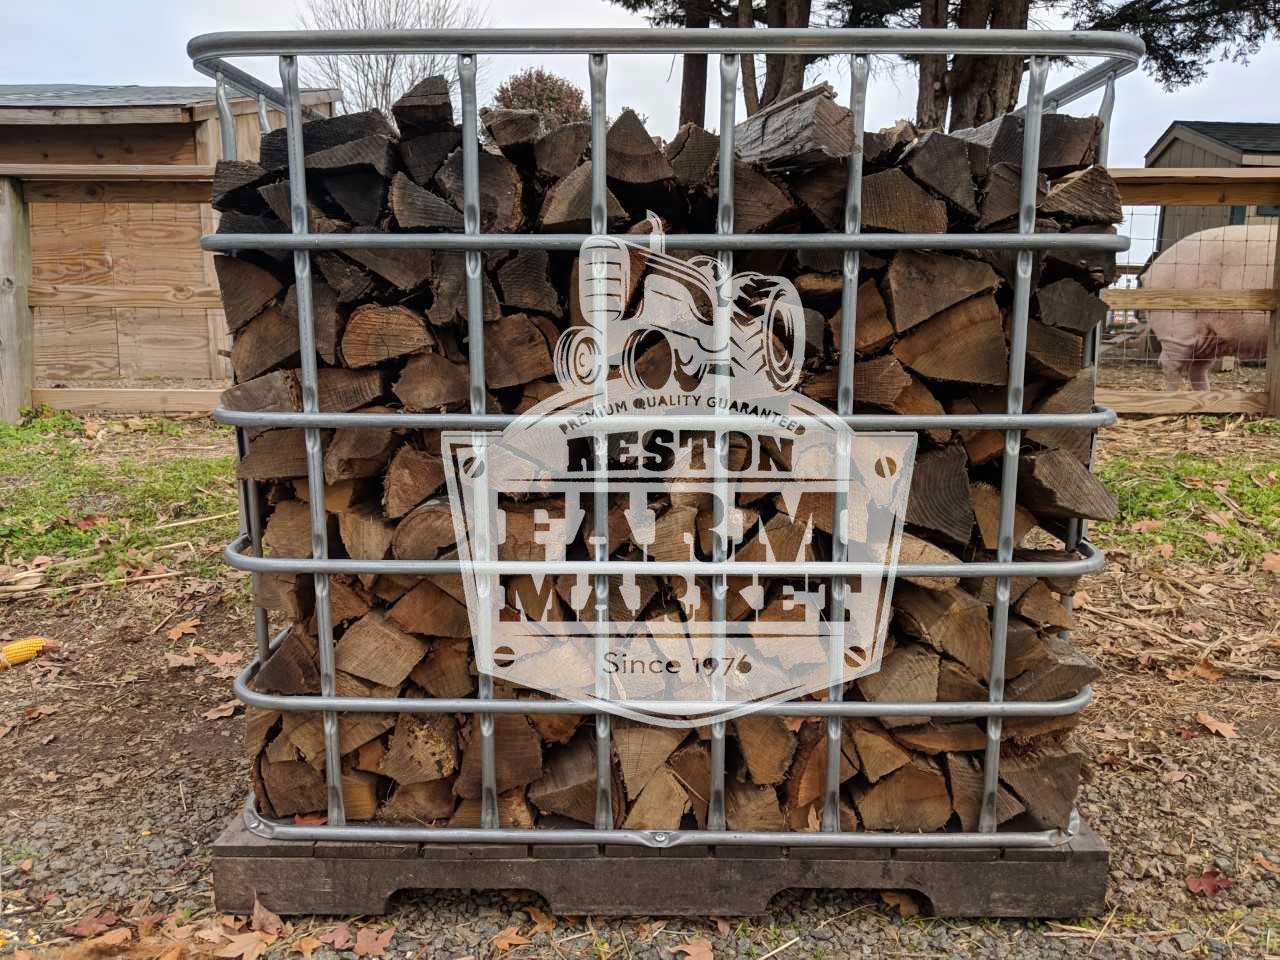 firewood-bin-reston-farm-market-va-branded.jpg